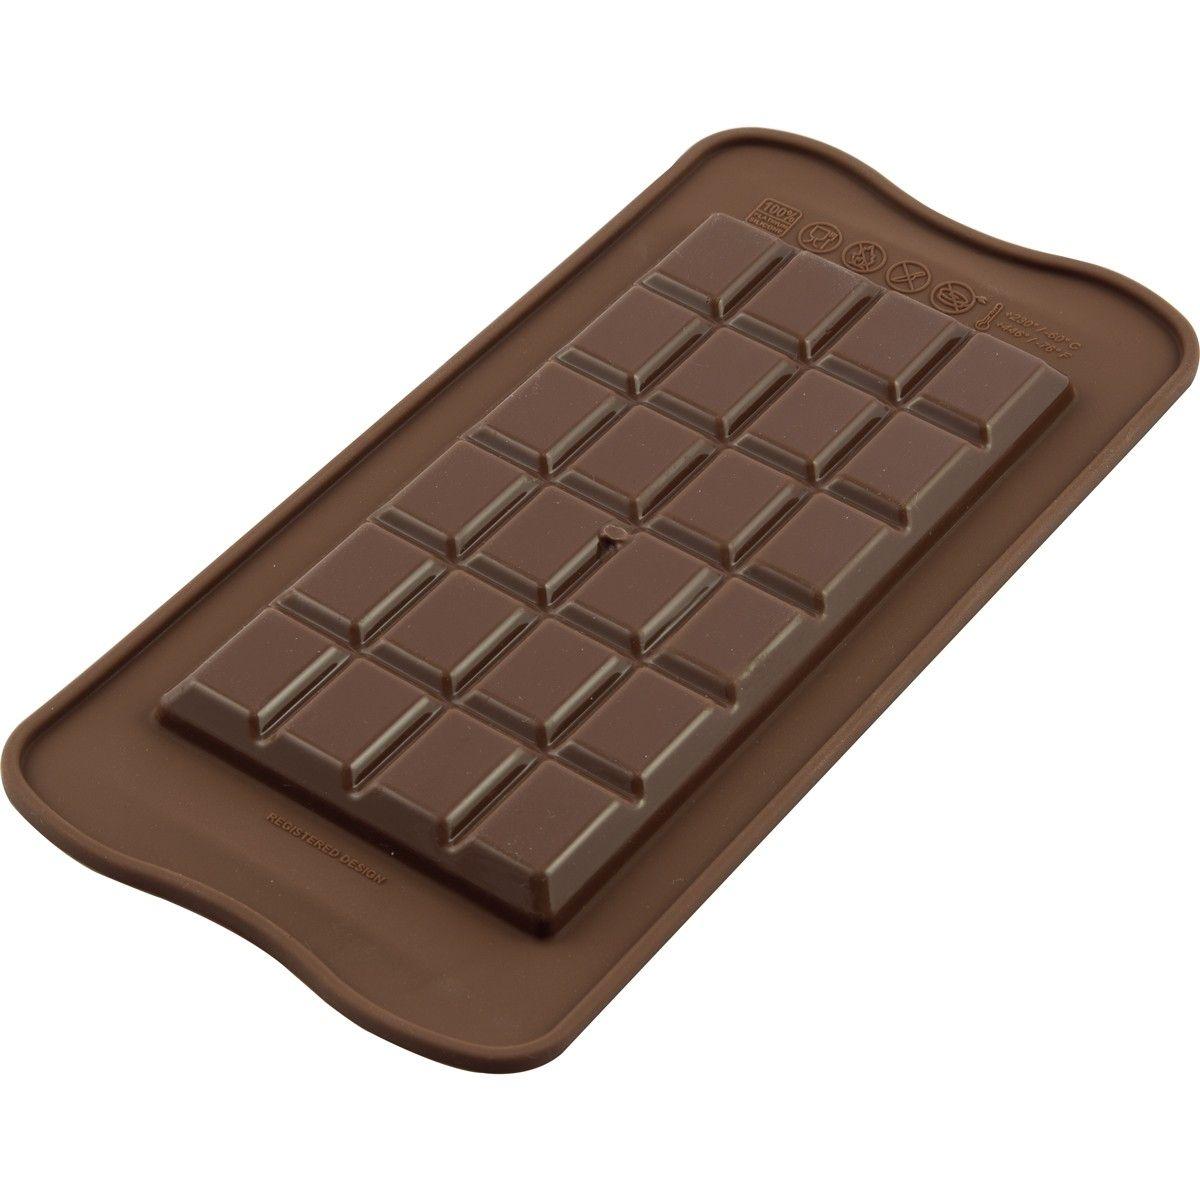 Moule pour chocolat -  Tablette